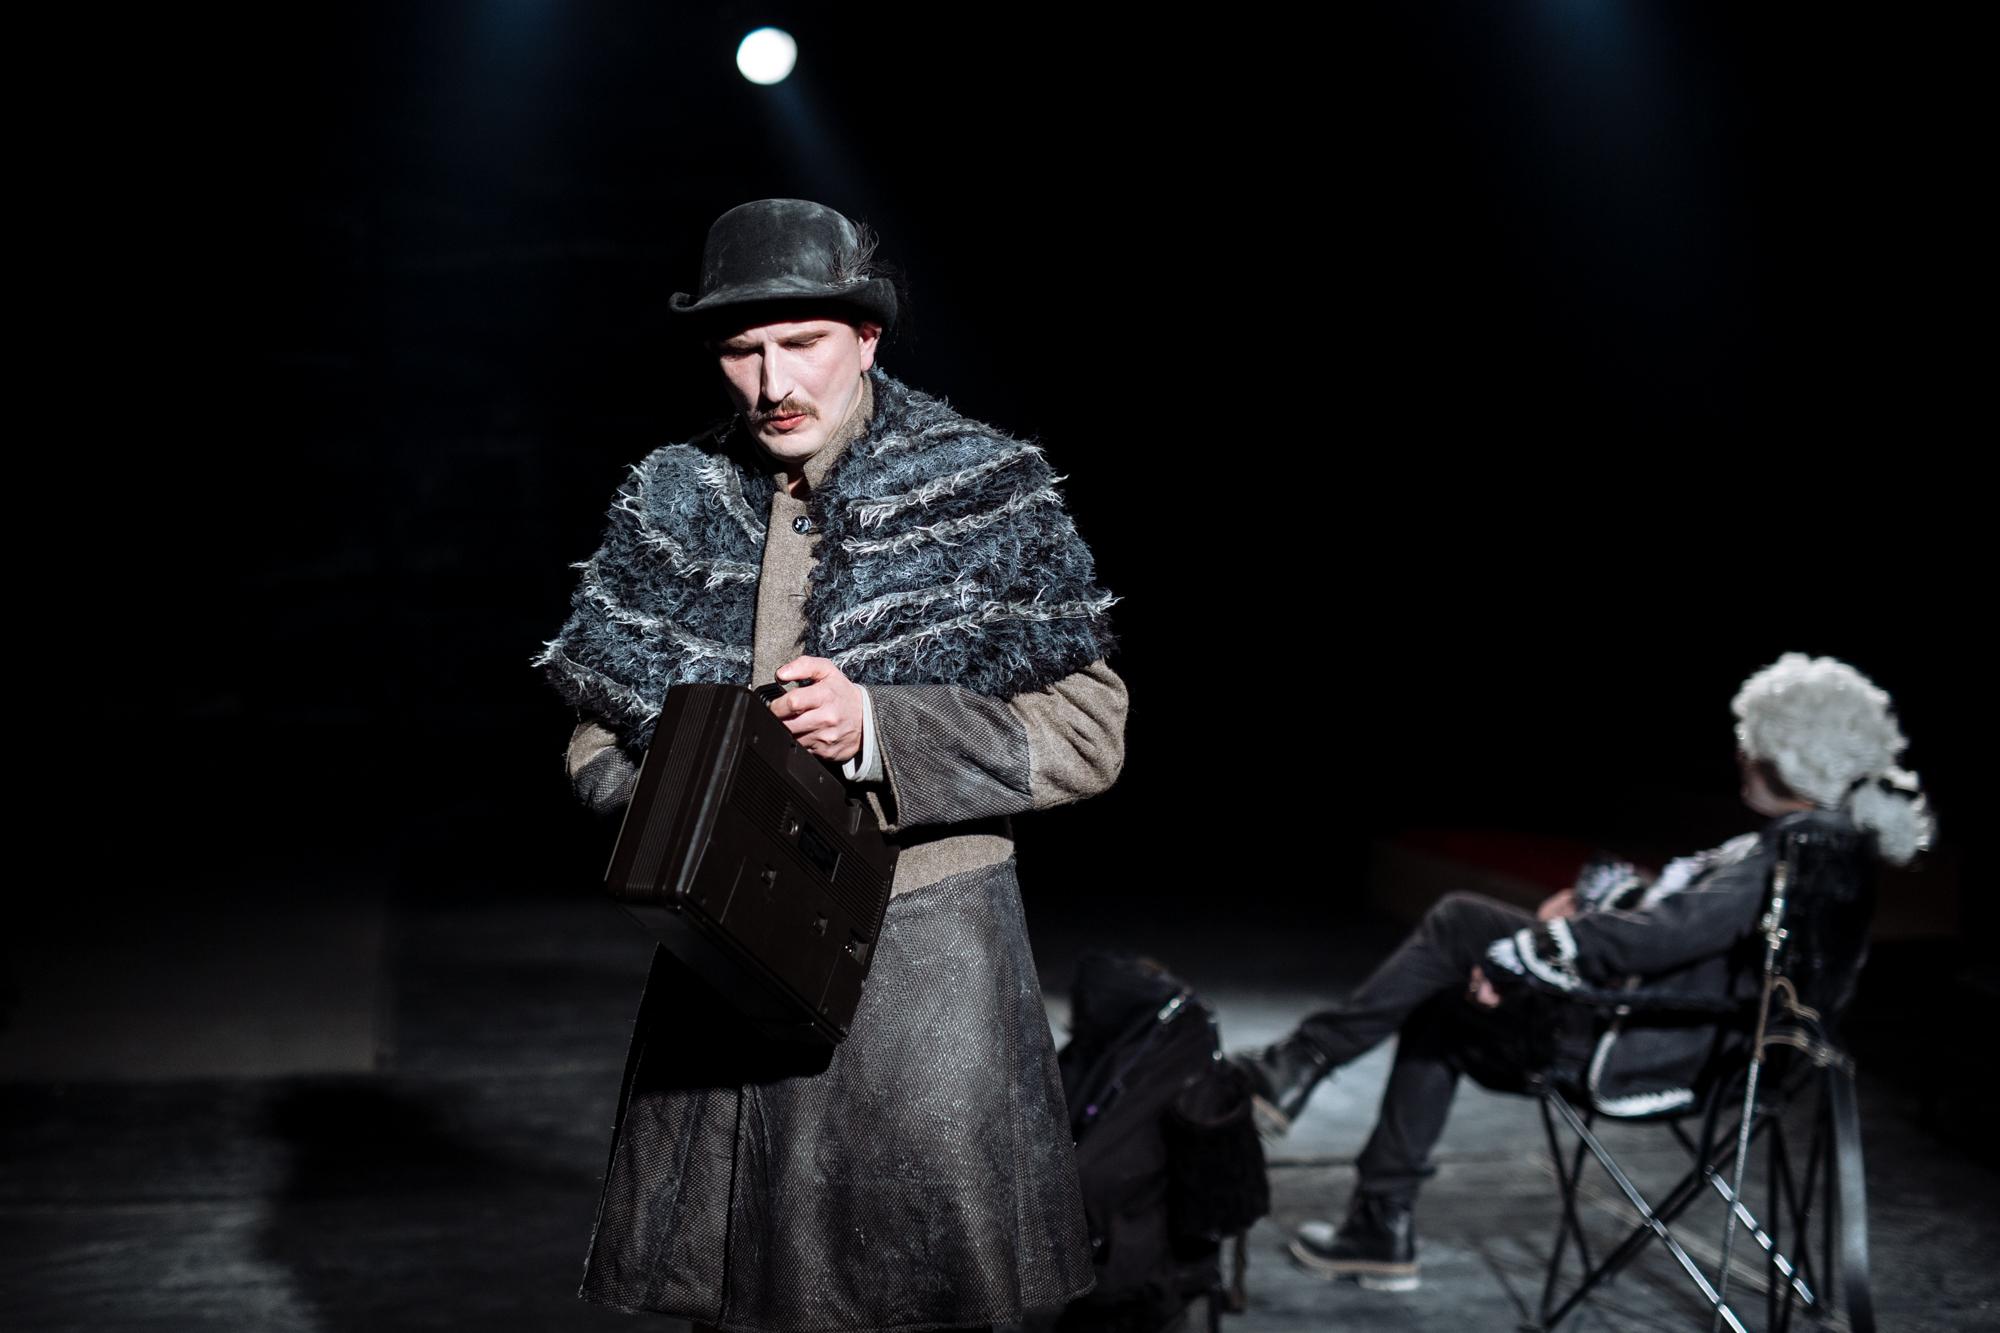 """Povesti atemporale de viata spuse de Jacques si stapanul sau, noua premiera a Teatrului """"Maria Filotti"""""""